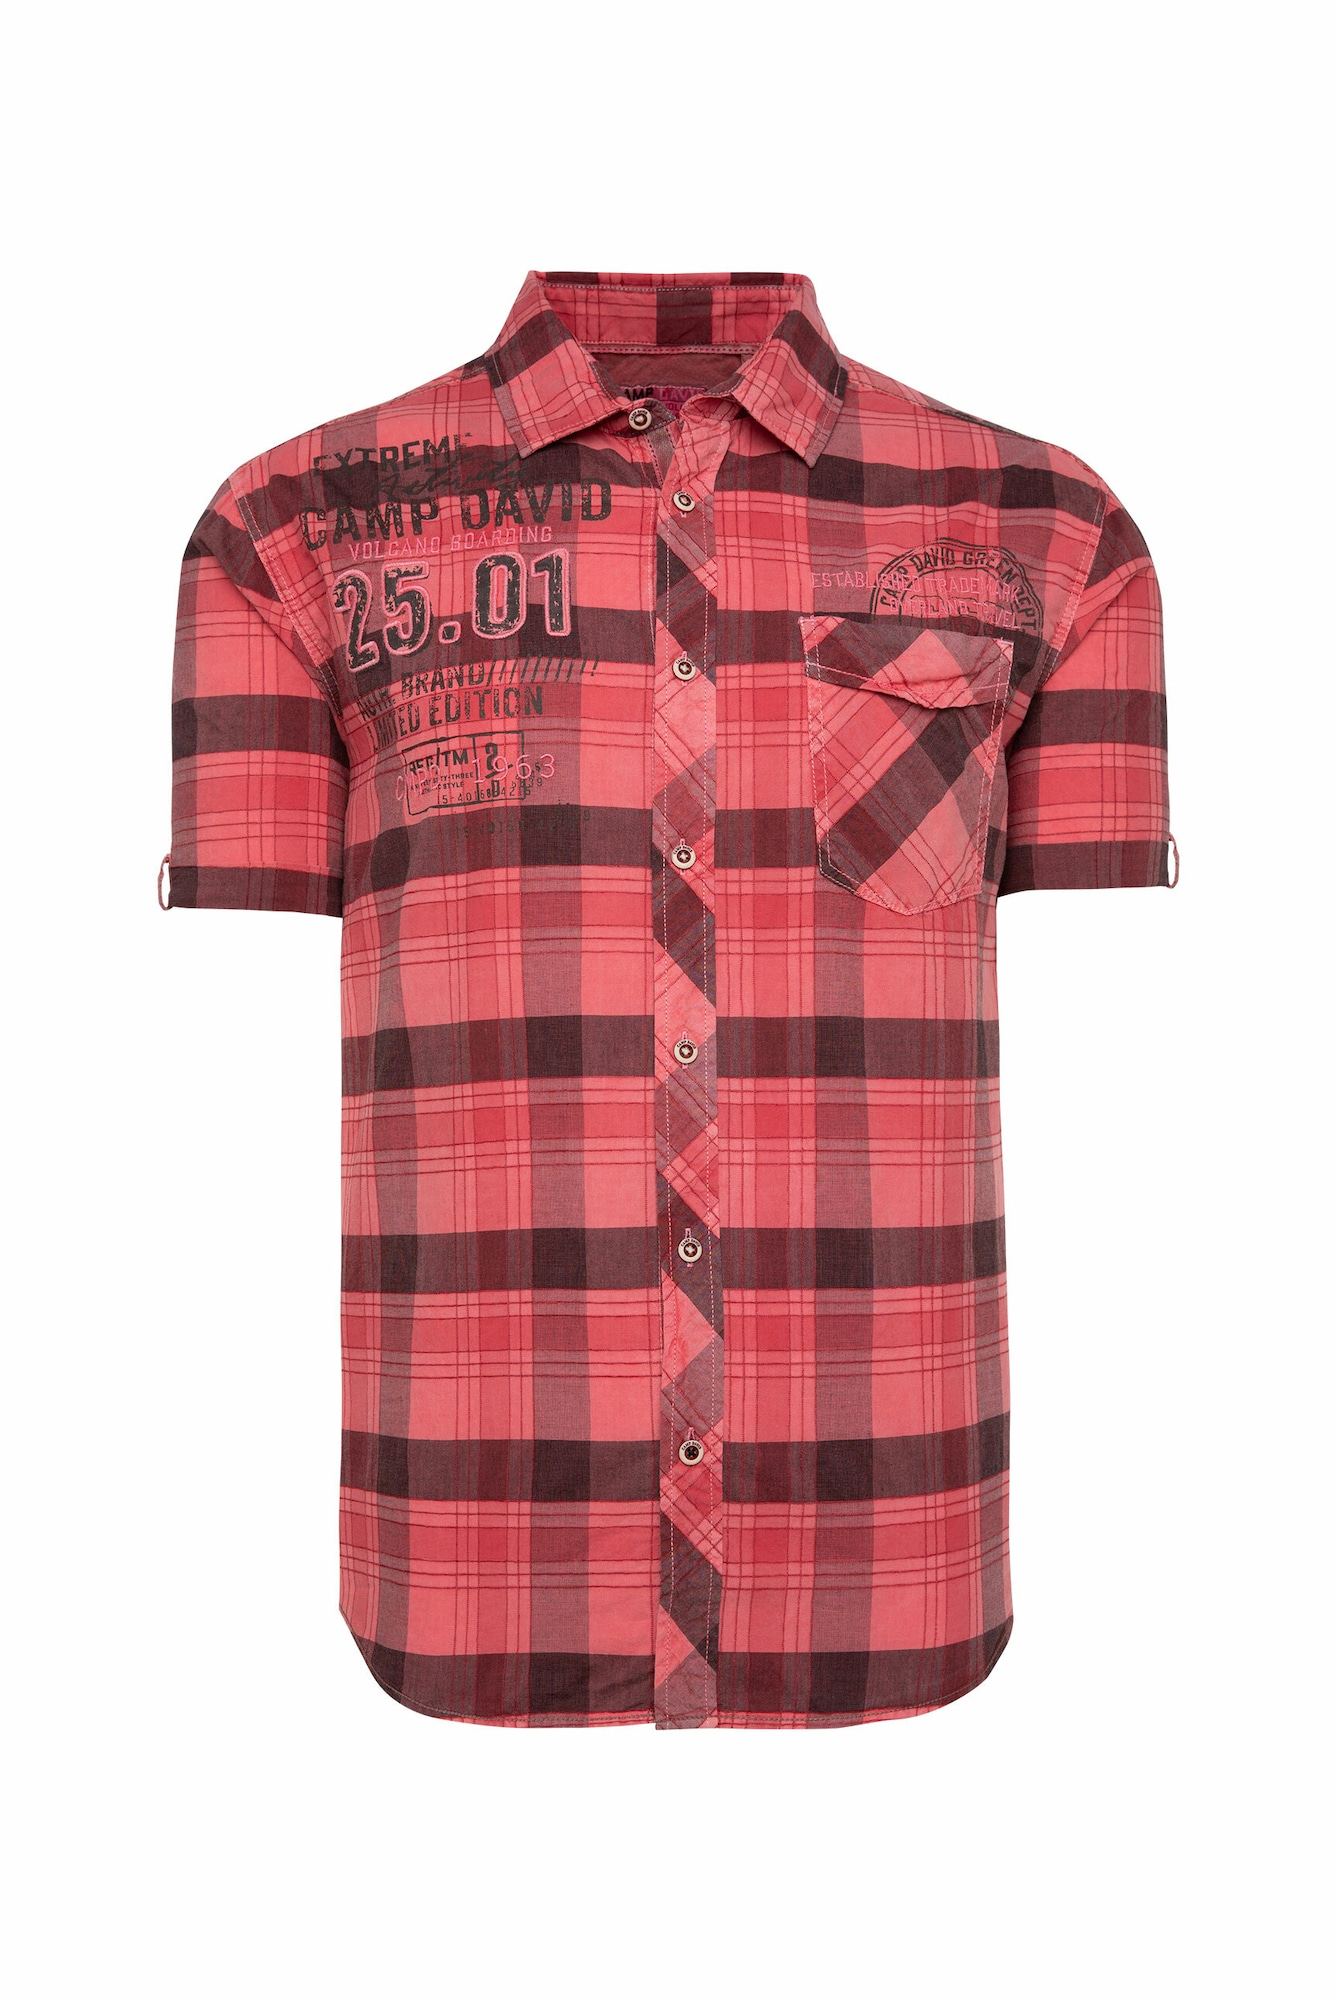 CAMP DAVID Marškiniai tamsiai raudona / juoda / šviesiai raudona